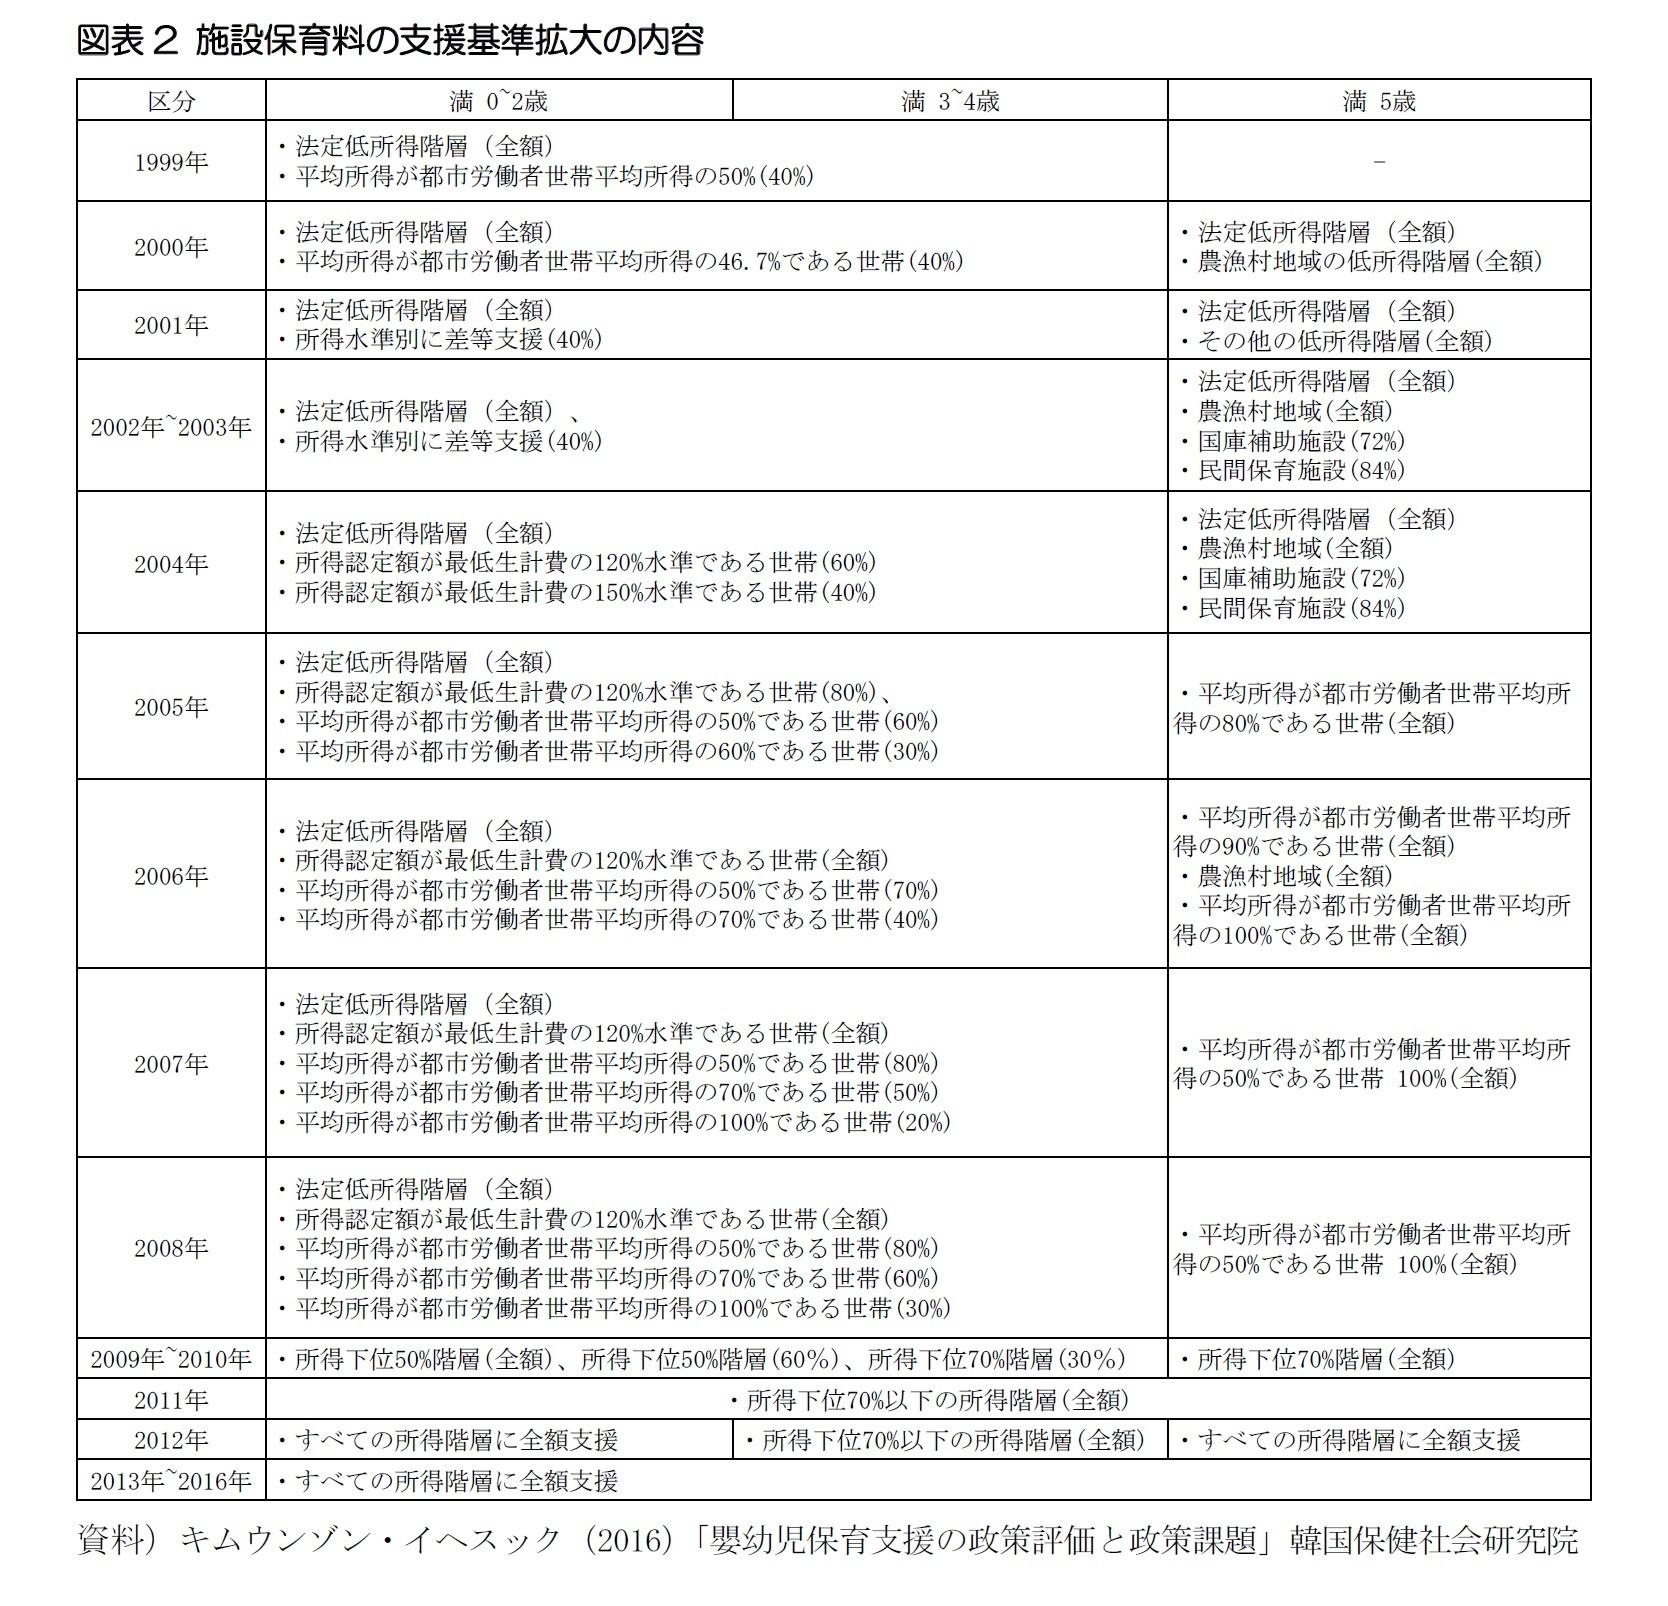 図表2 施設保育料の支援基準拡大の内容